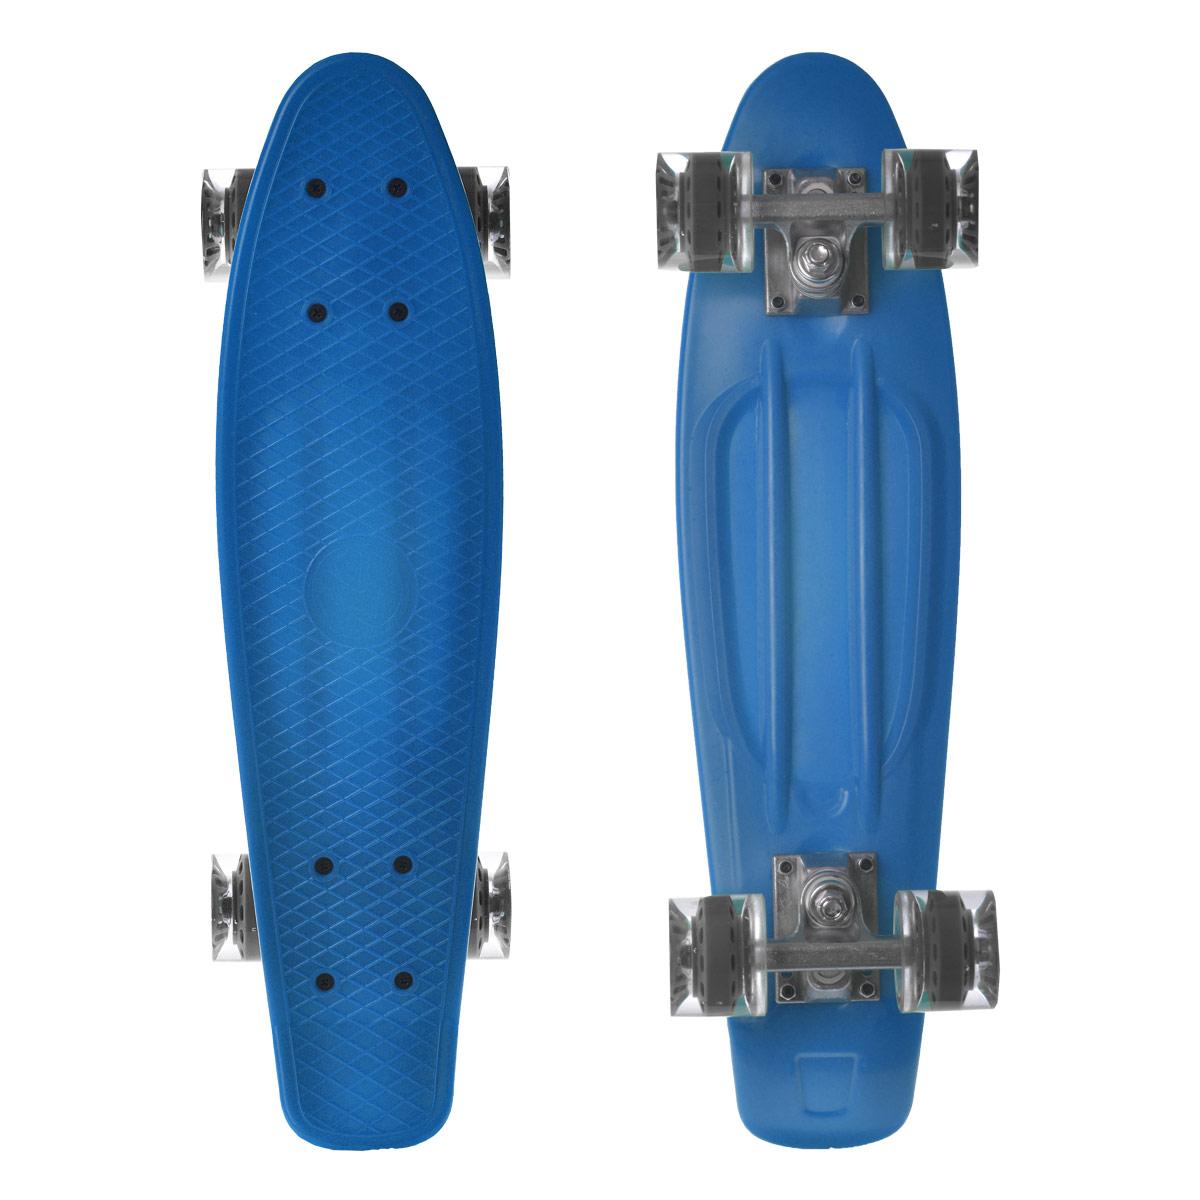 Скейтборд пластиковый Larsen, цвет: синий, 55 см х 15 см. BKA0020E333752Пенни борд Larsen подходит для начинающих райдеров и предназначен для уличного катания. Пенни борд имеет специальный выпуклый рисунок в виде сетки, предотвращающий скольжение. Дека выполнена из высококачественного пластика. Подвеска - из прочного алюминия. Высота скейтборда от пола - 10 см. Максимальный вес пользователя - 100 кг. Полиуретановые колеса обеспечивают хорошее сцепление с поверхностью, быстрый разгон и торможение. В последнее время экстремальные виды спорта, такие как катание на скейтборде, становятся очень популярными. Скейтбординг - это зрелищный и экстремальный вид спорта, представляющий собой катание на роликовой доске с преодолением препятствий и выполнением различных трюков.